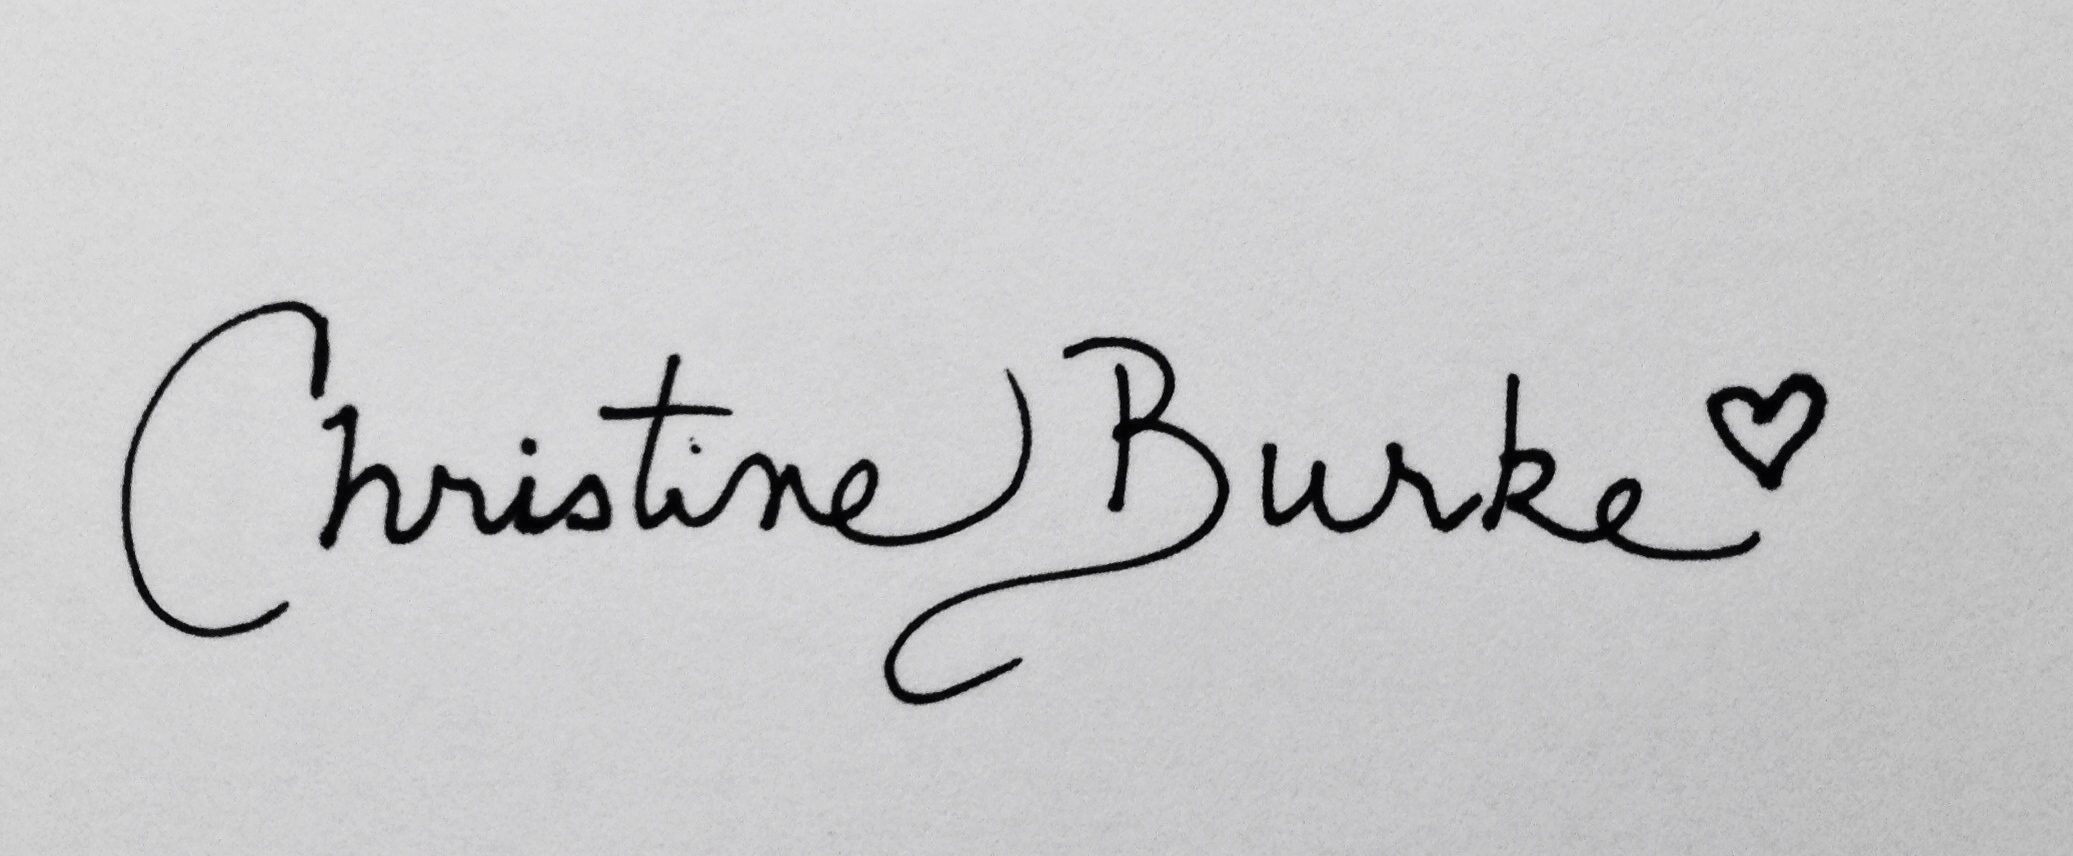 Christine Burke's Signature